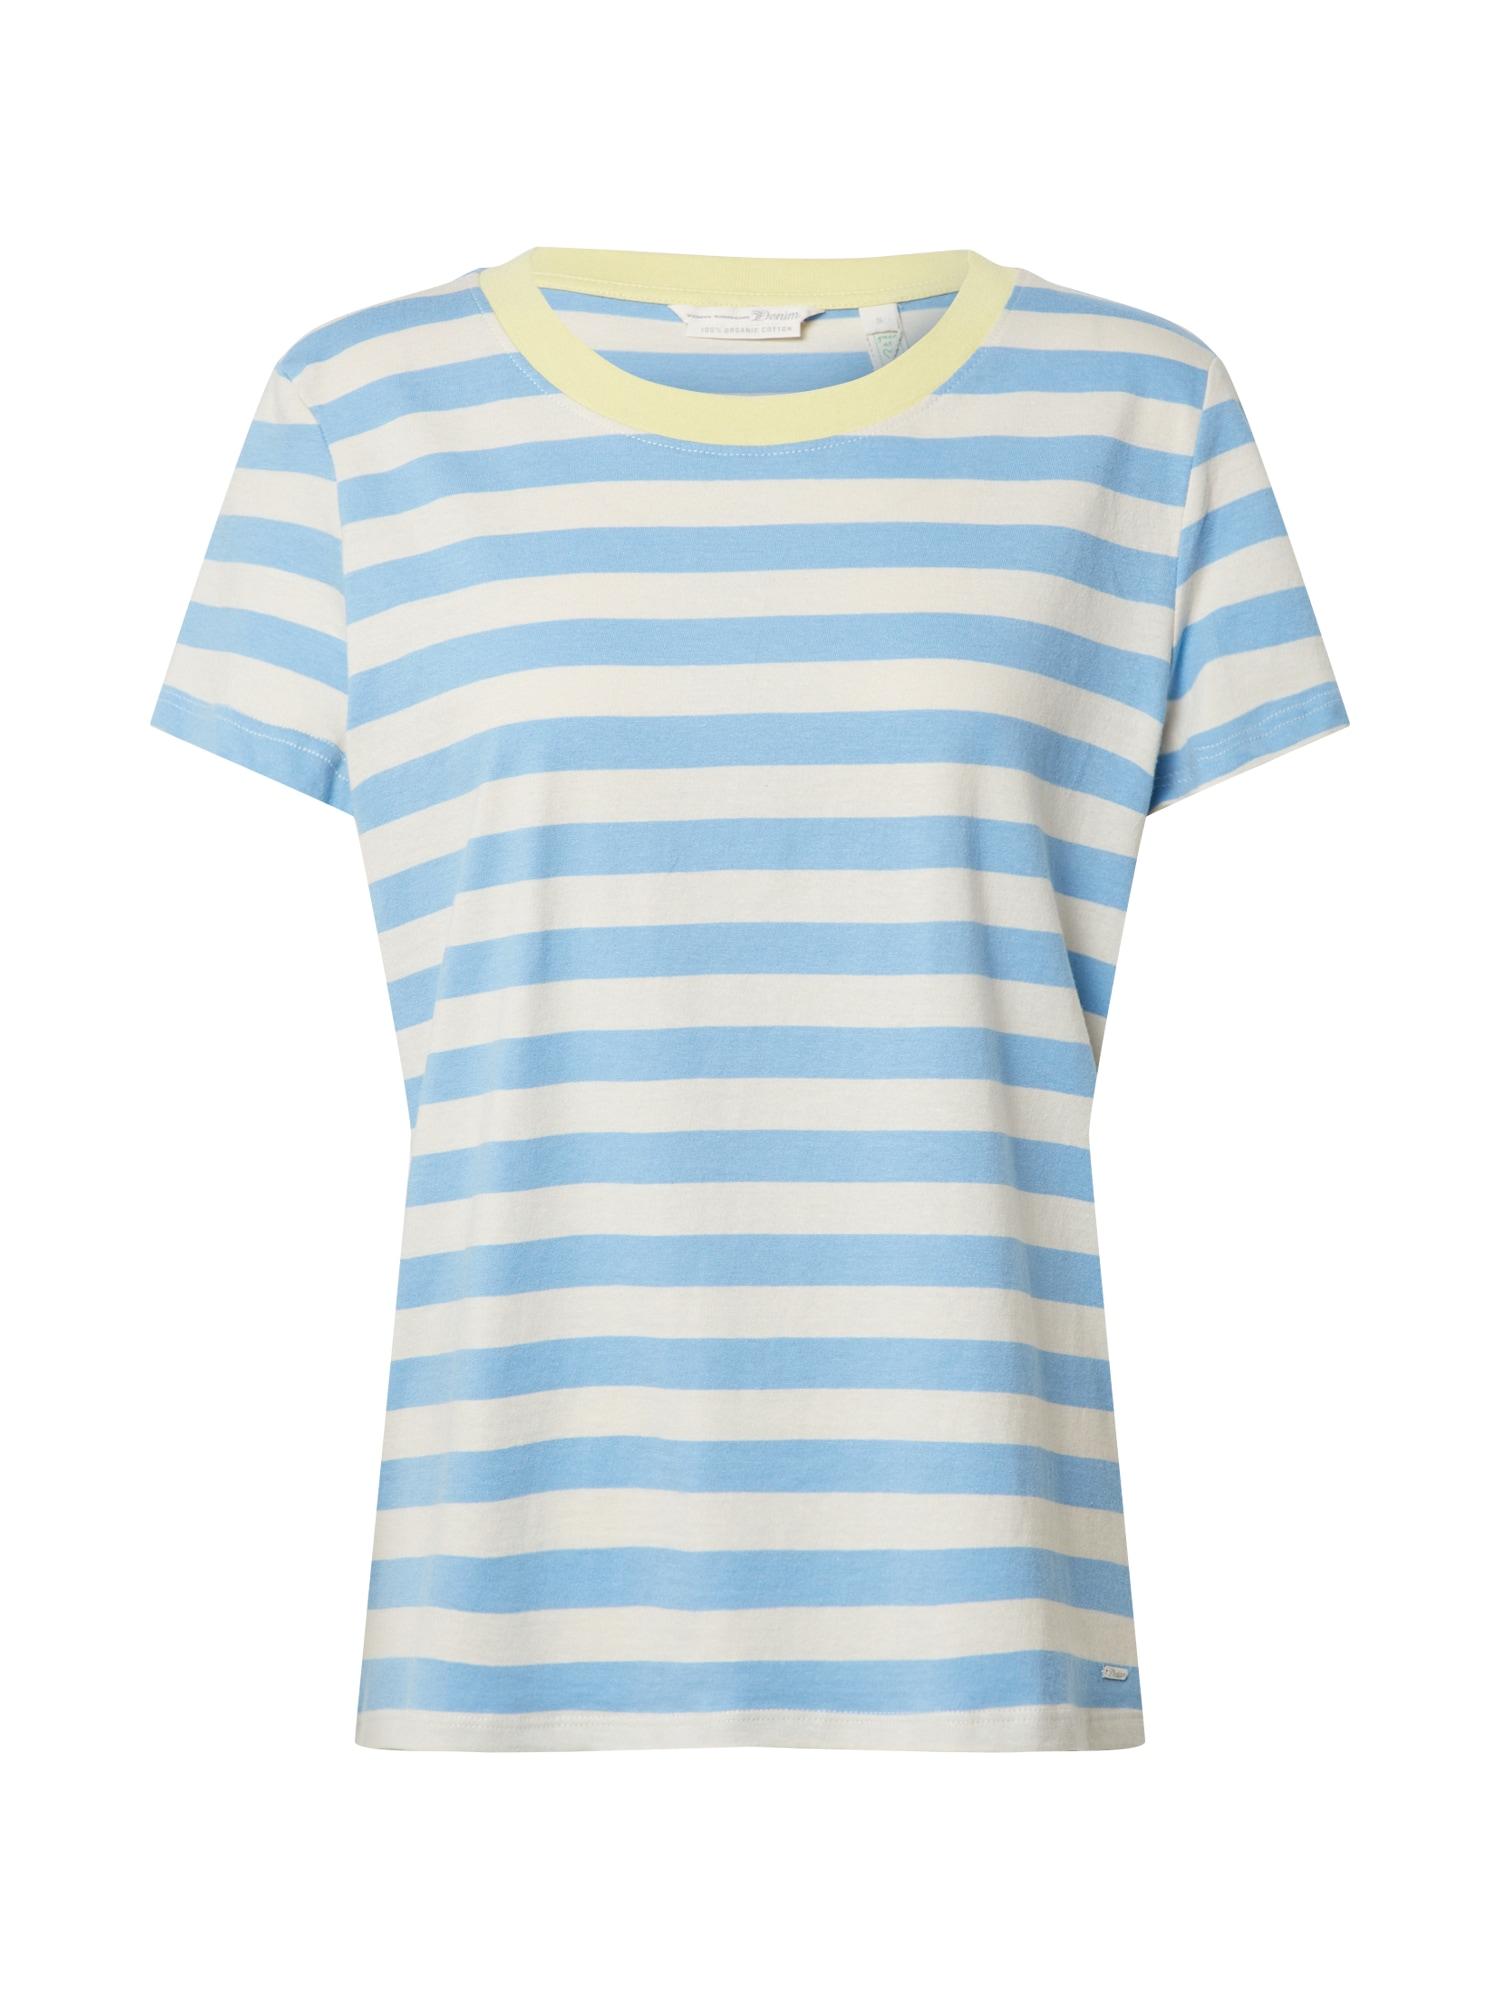 TOM TAILOR DENIM Tričko  bílá / modrá